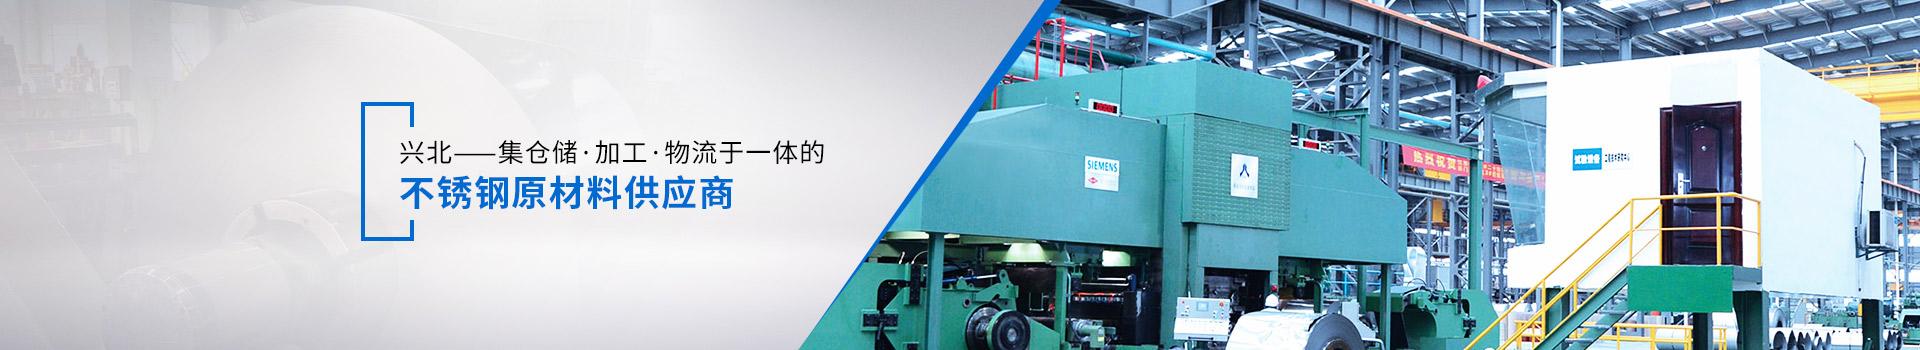 兴北不锈钢-集仓储、加工、物流于一体的不锈钢原材料供应商